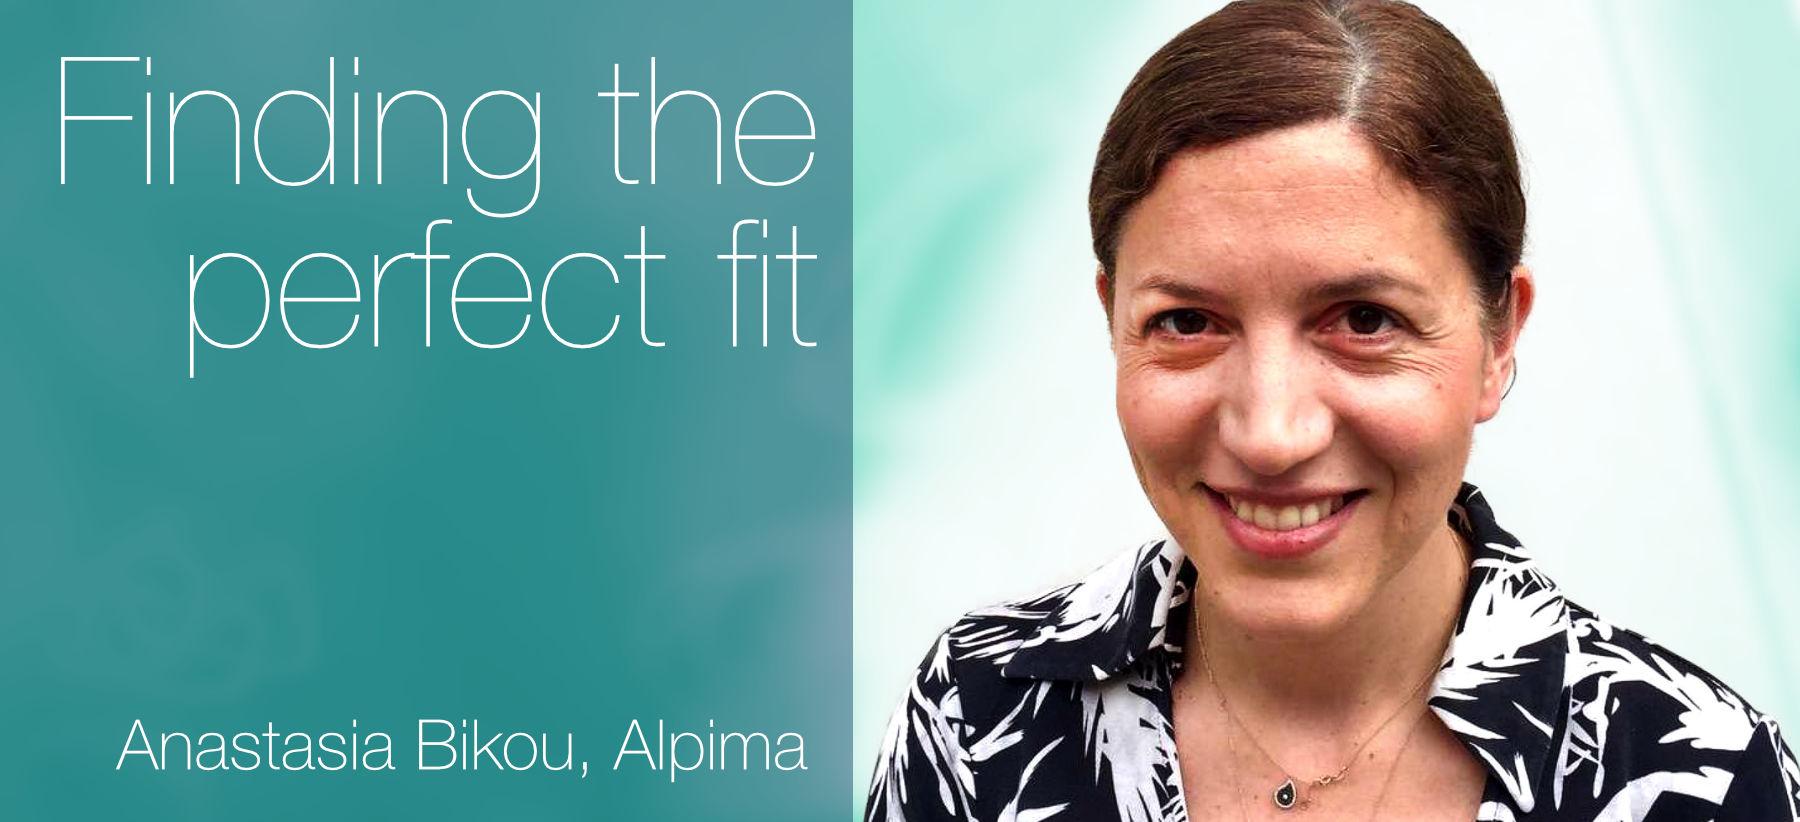 Anastasia Bikou : Finding the perfect fit